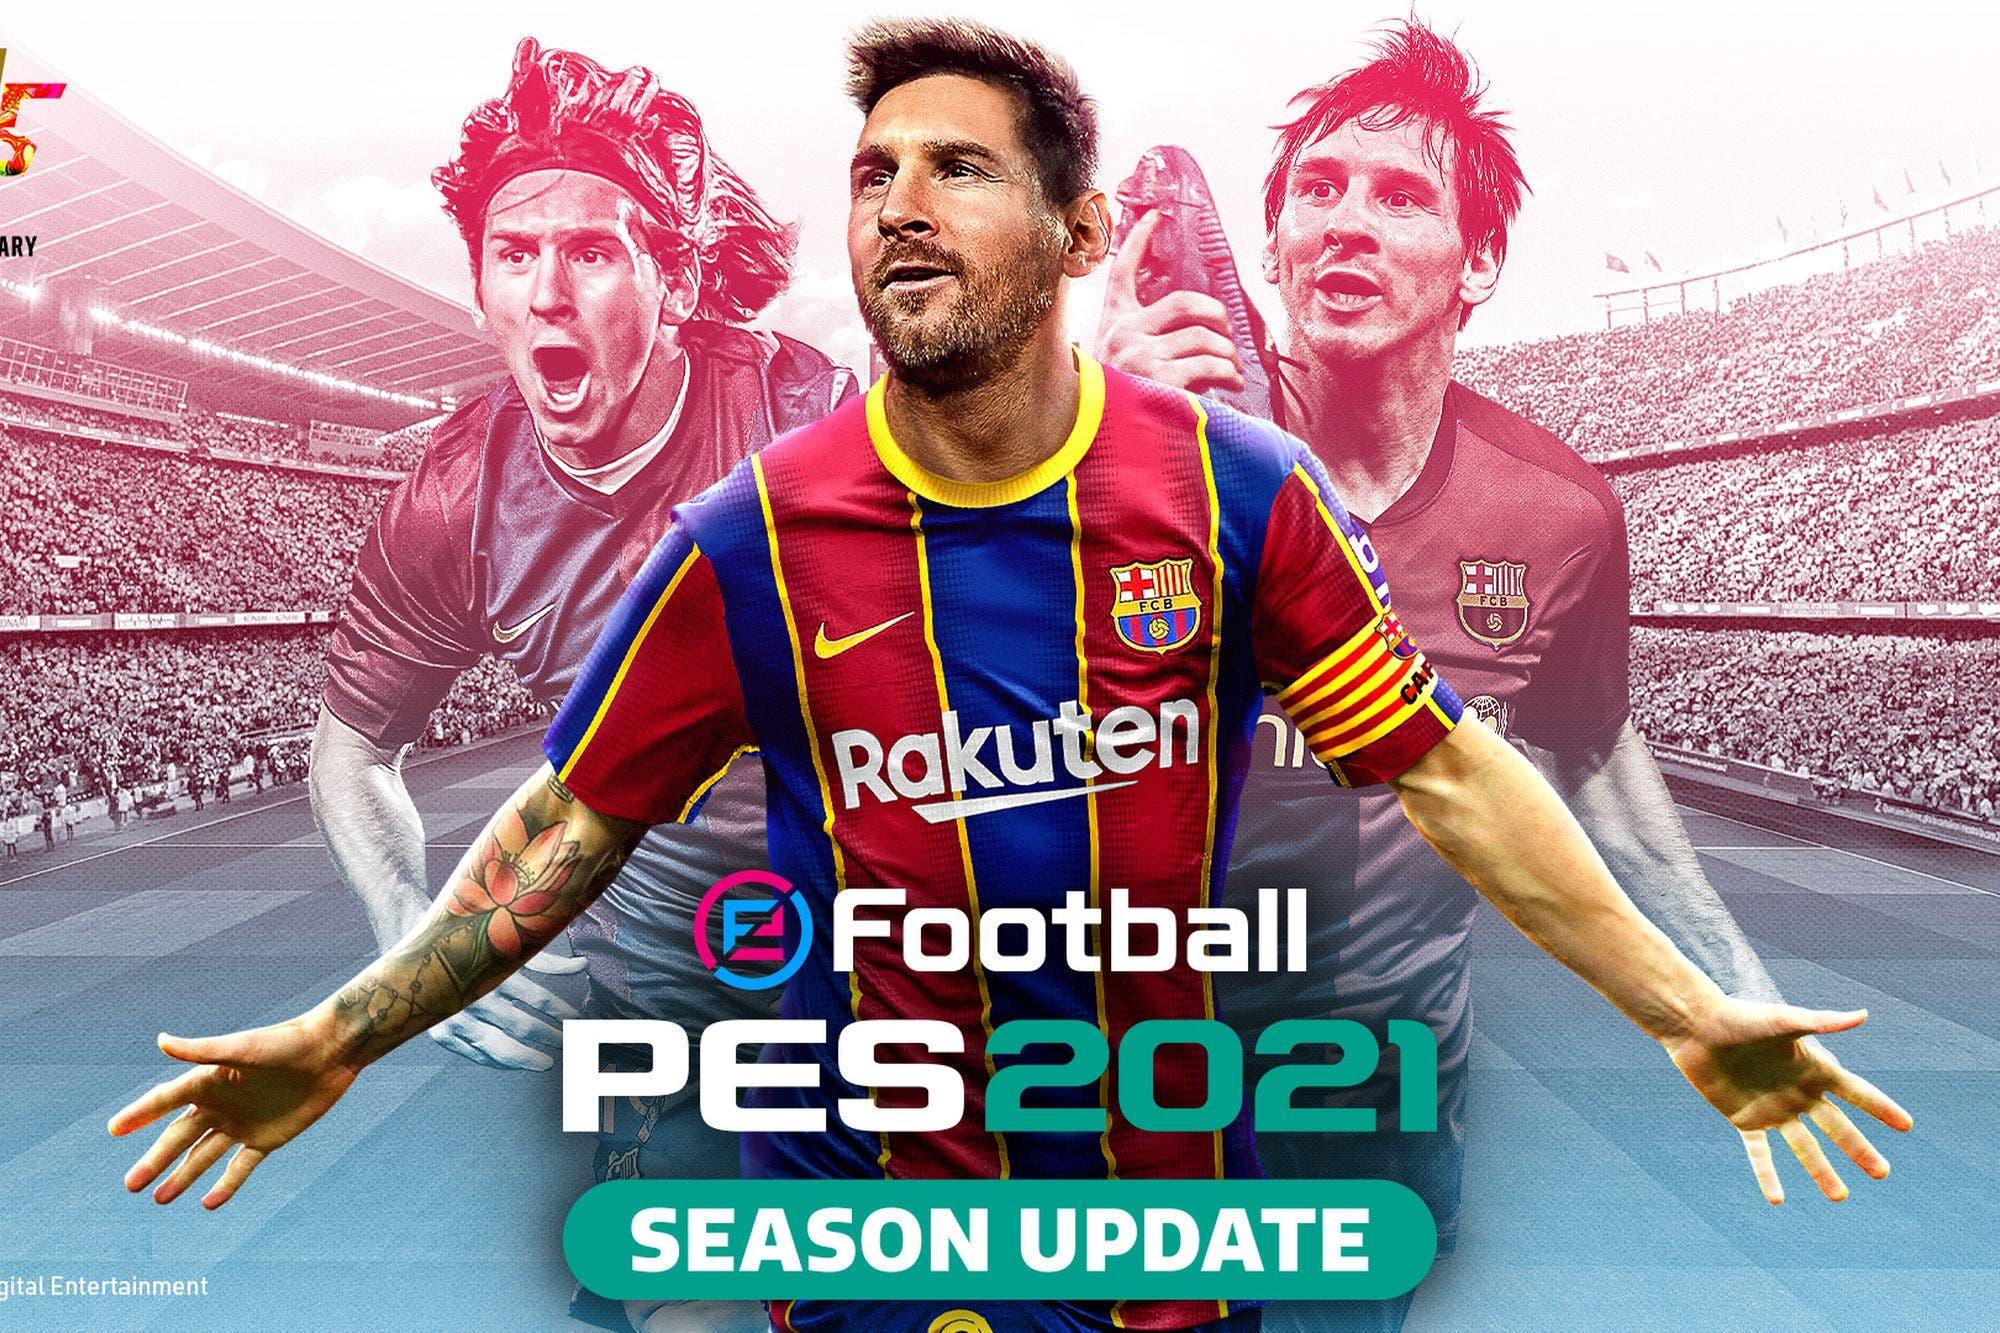 PES 2021 no será un juego completo, sino una actualización de temporada, y será más barato